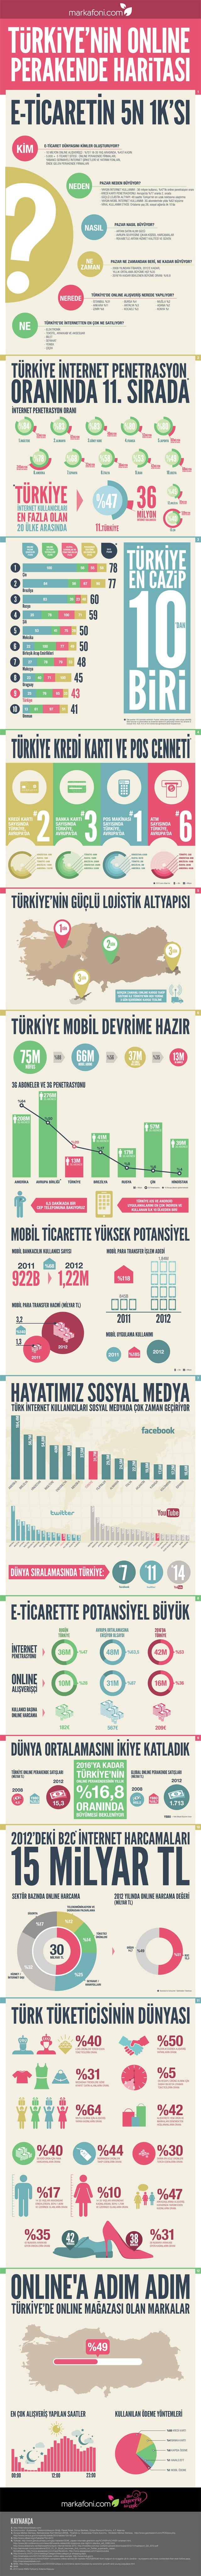 markafoni-online-alisveris-2013-infografik Markafoni'den Türkiye'de İnternetten Alışveriş Alışkanlıkları [İnfografik] Markafoni'den Türkiye'de İnternetten Alışveriş Alışkanlıkları İnfografik markafoni online alisveris 2013 infografik